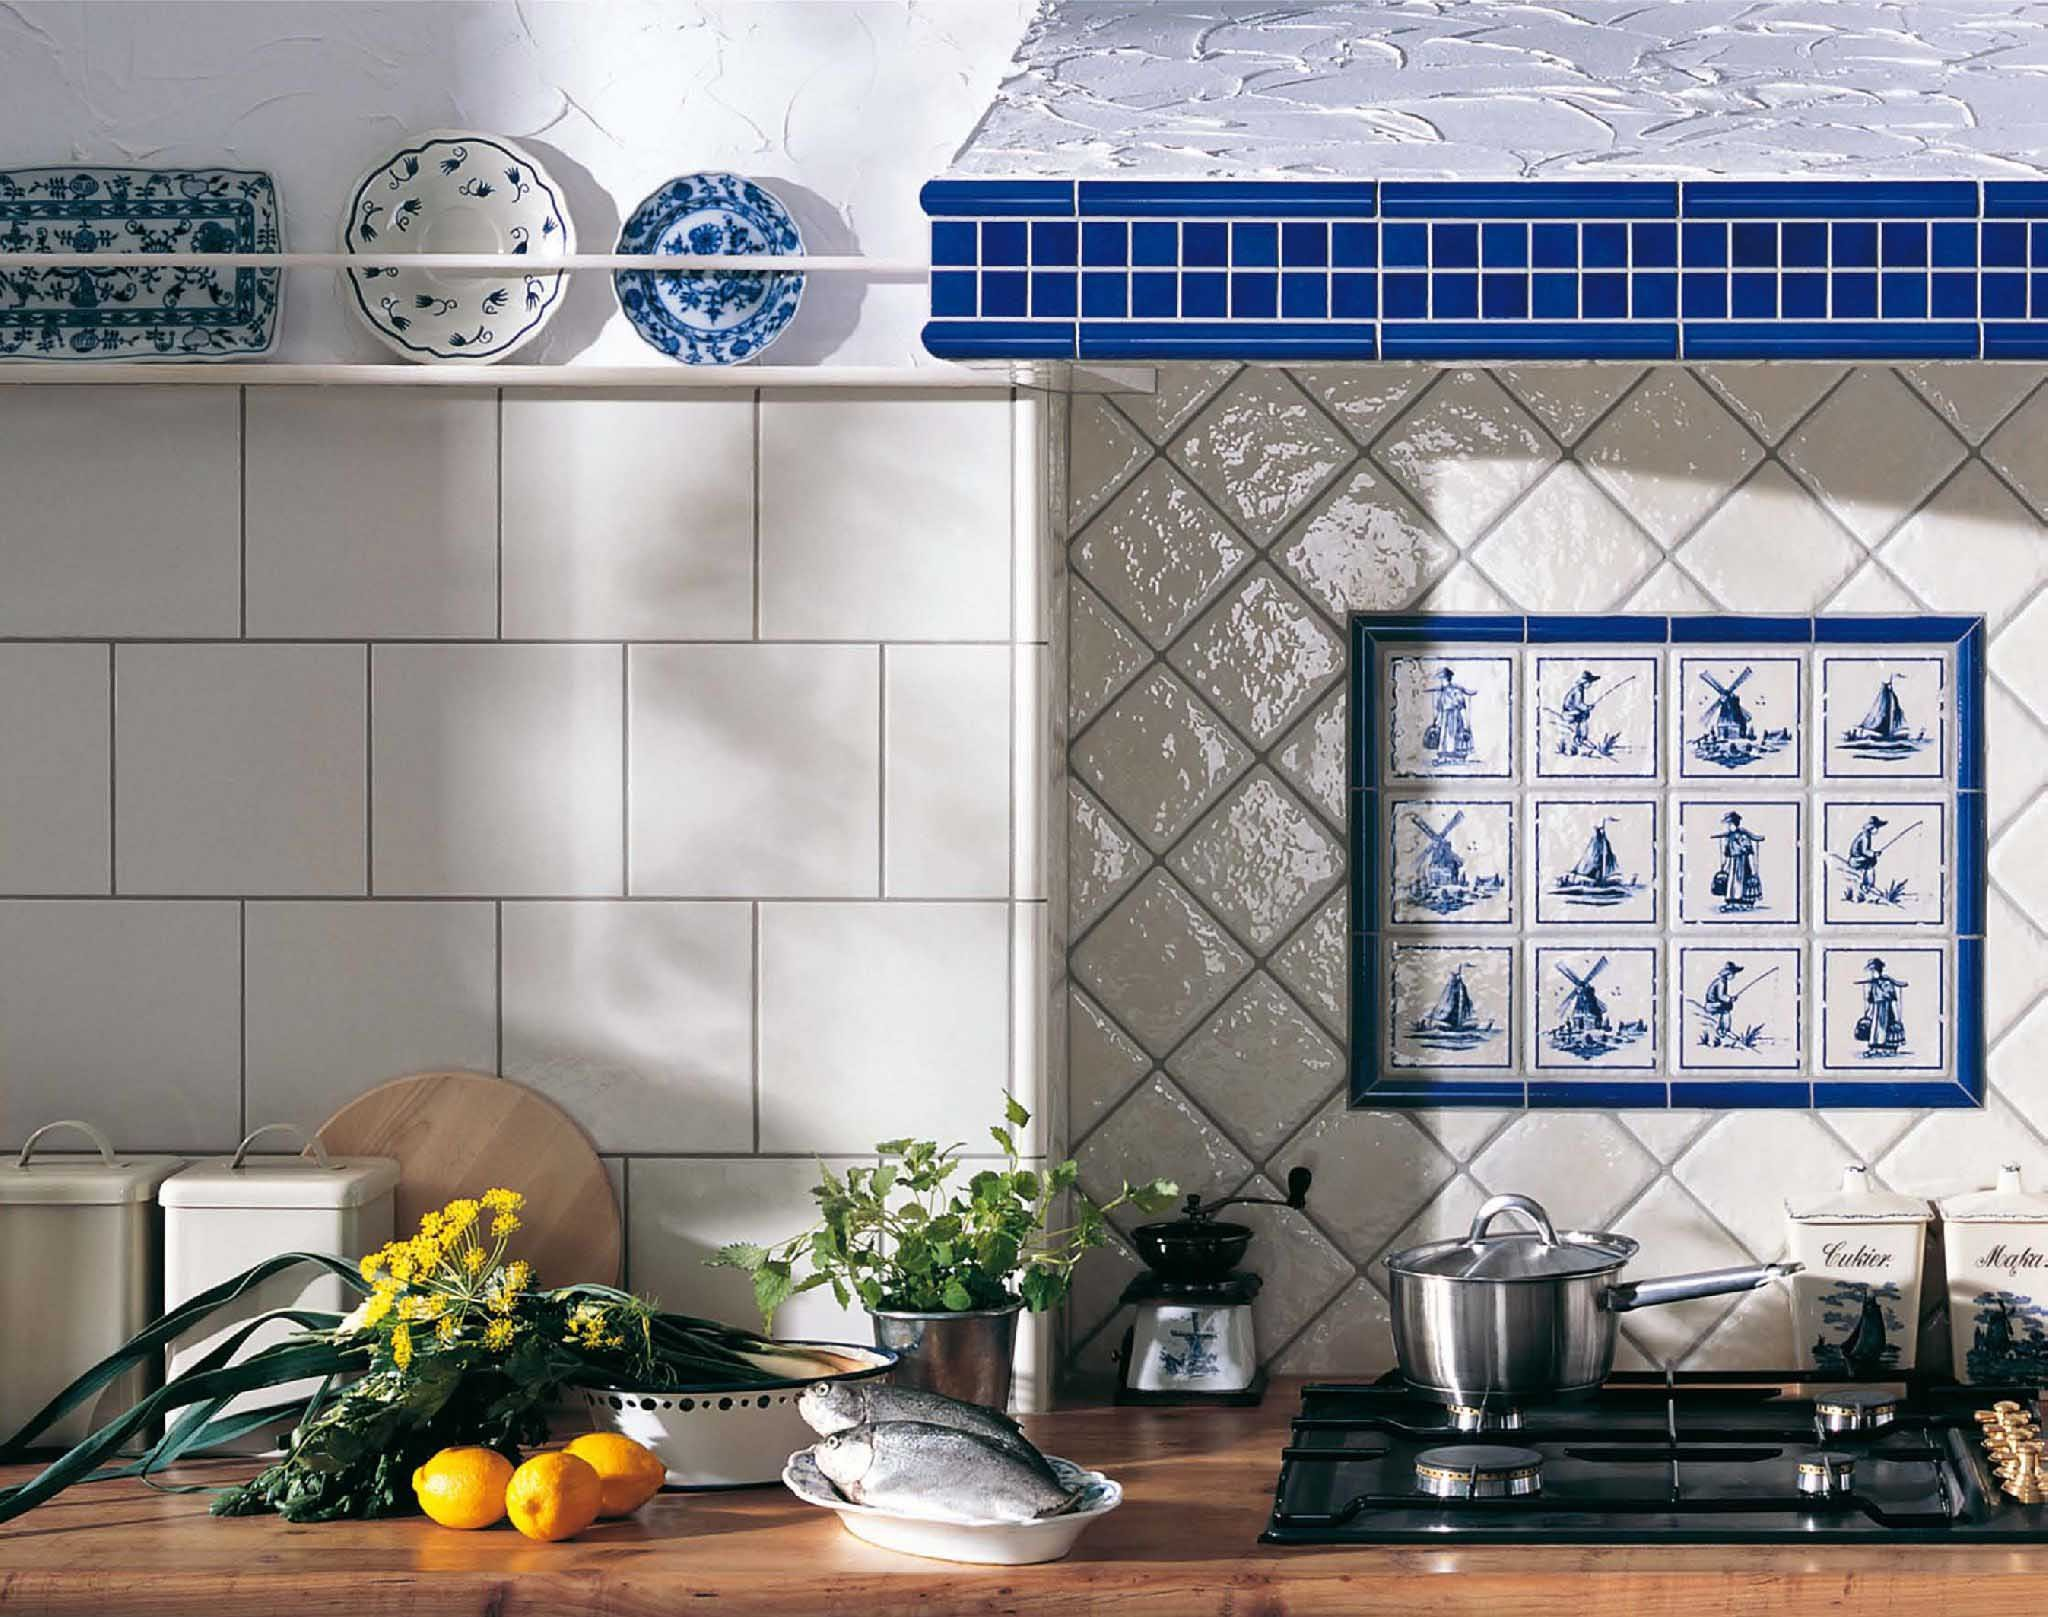 Плитка с рисунком для любителей голландского фарфора. Обратите внимание на комбинацию размеров и способов укладки глянцевой и крупной матовой плитки